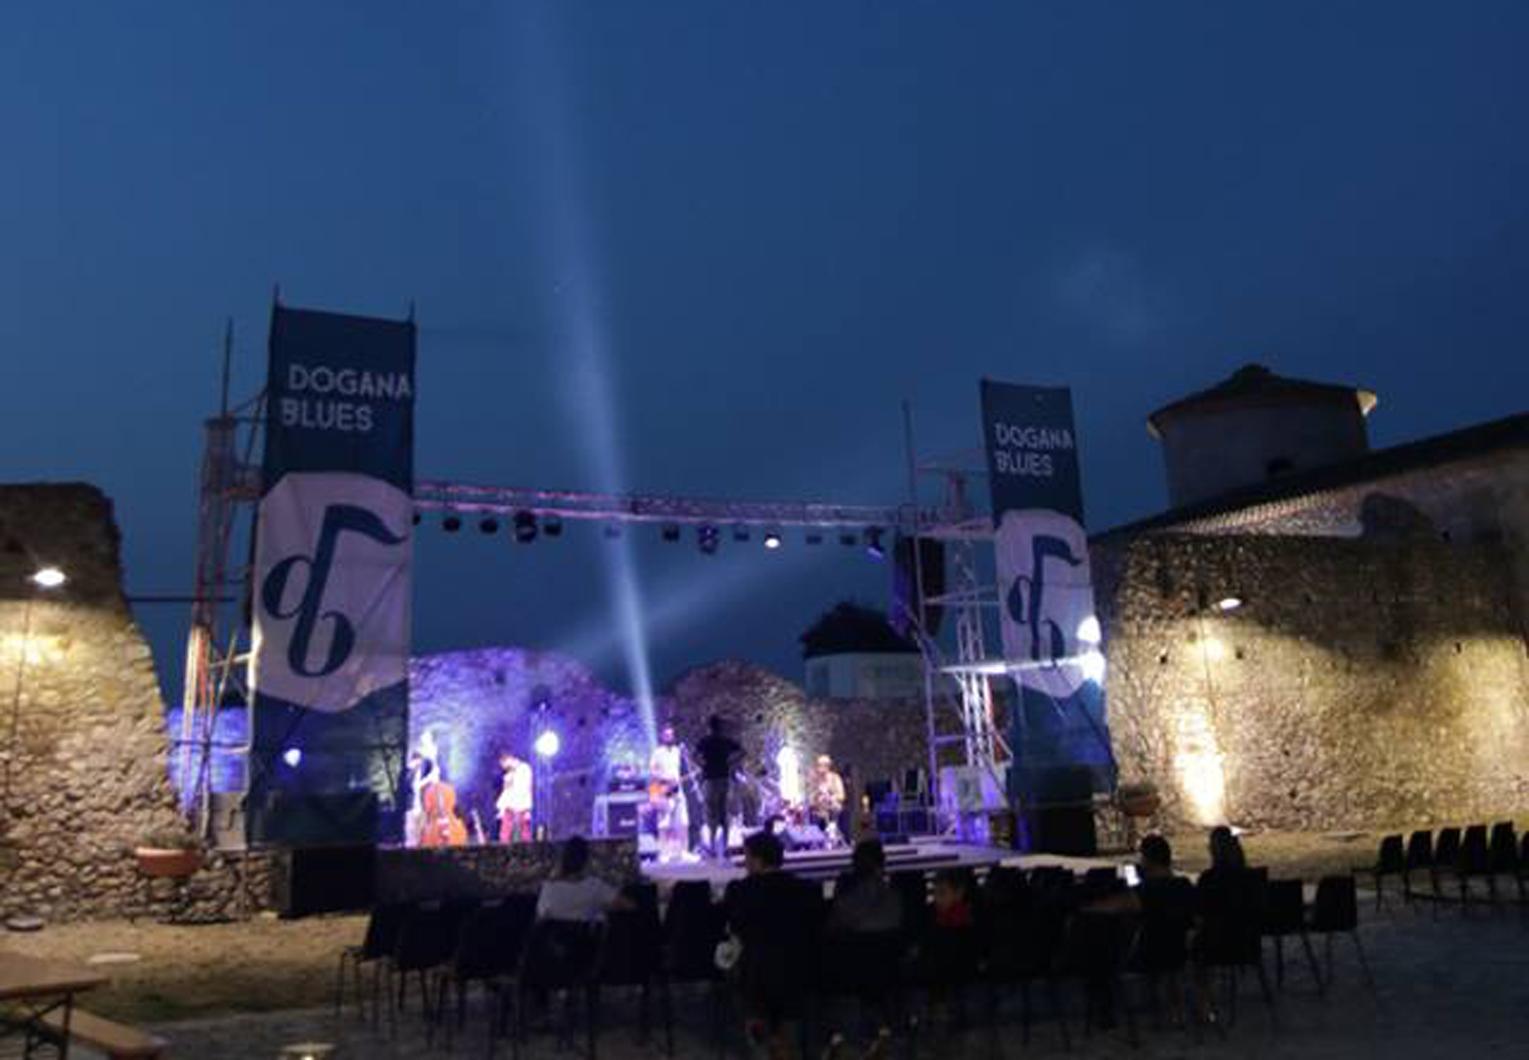 """""""Dogana Blues"""", al via a Flumeri la settima edizione della prestigiosa kermesse musicale e artistica"""